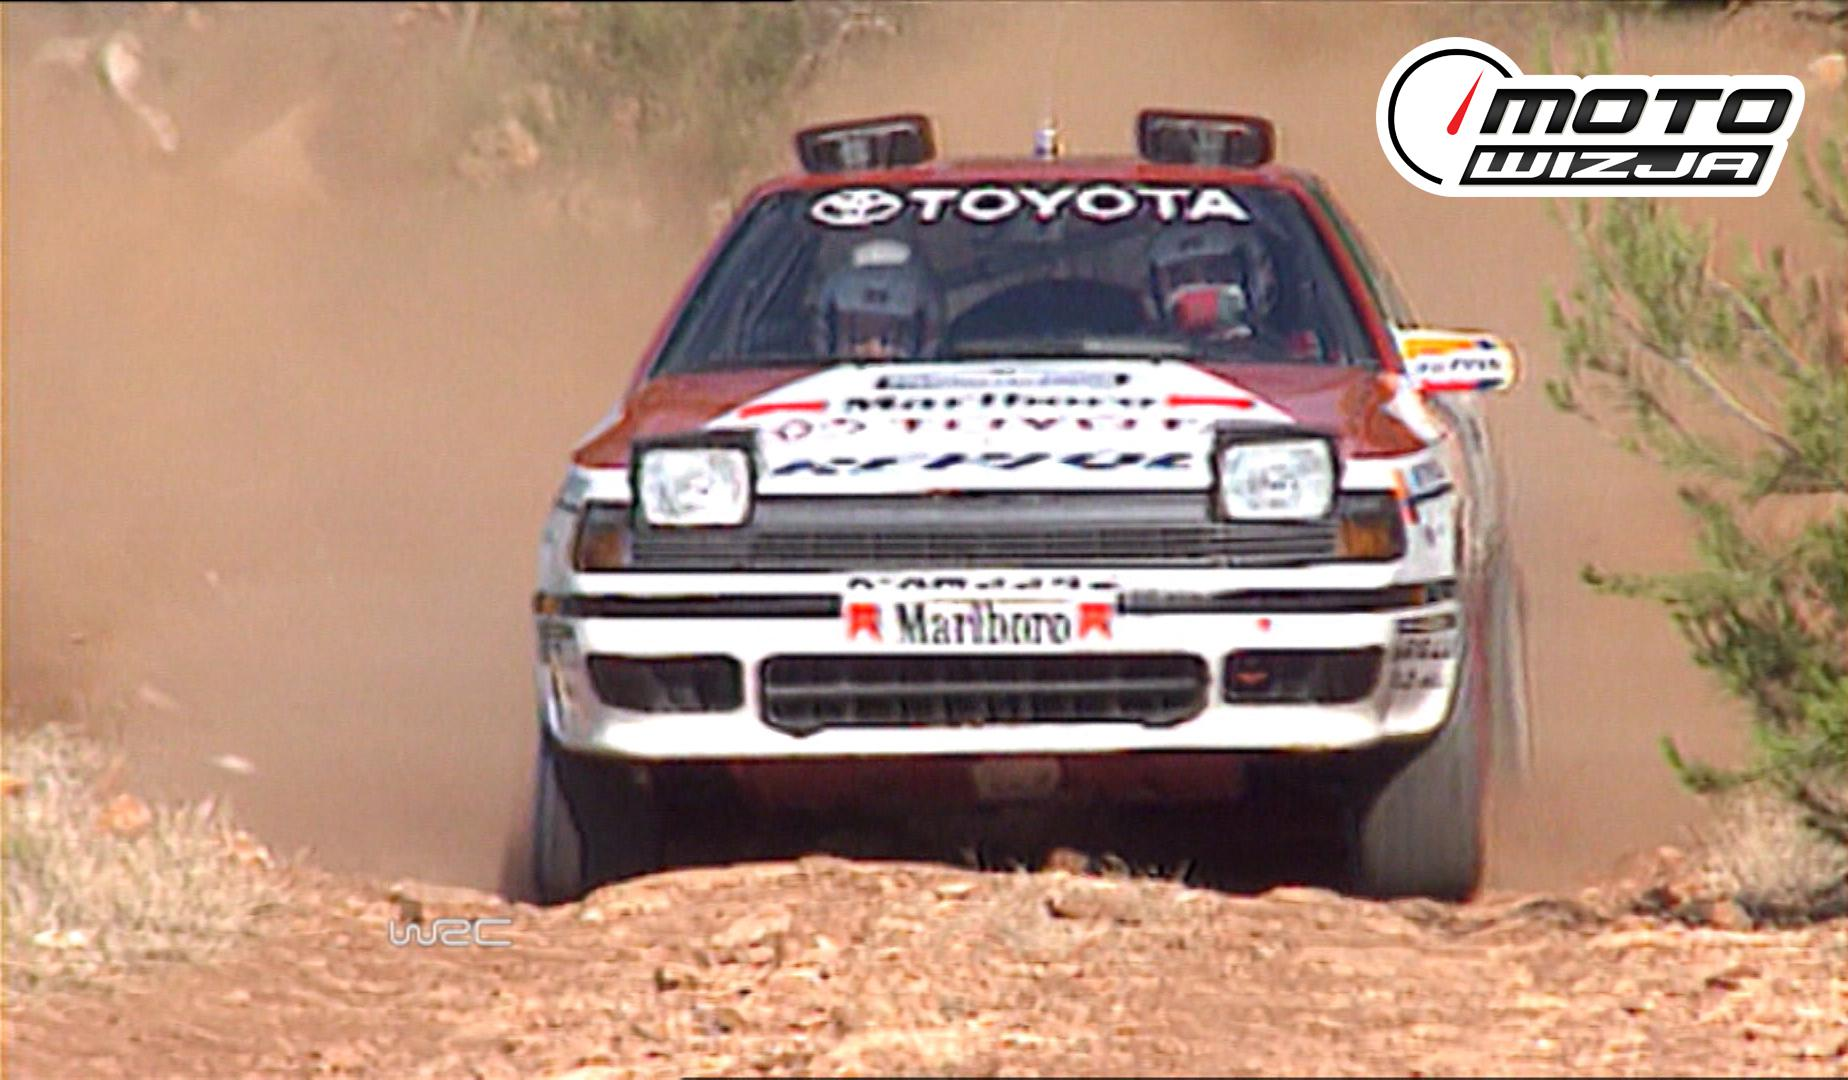 """Motowizja zaprasza na nowe, wyjątkowe programy """"Z archiwum WRC"""" oraz """"Historia WRC""""!"""